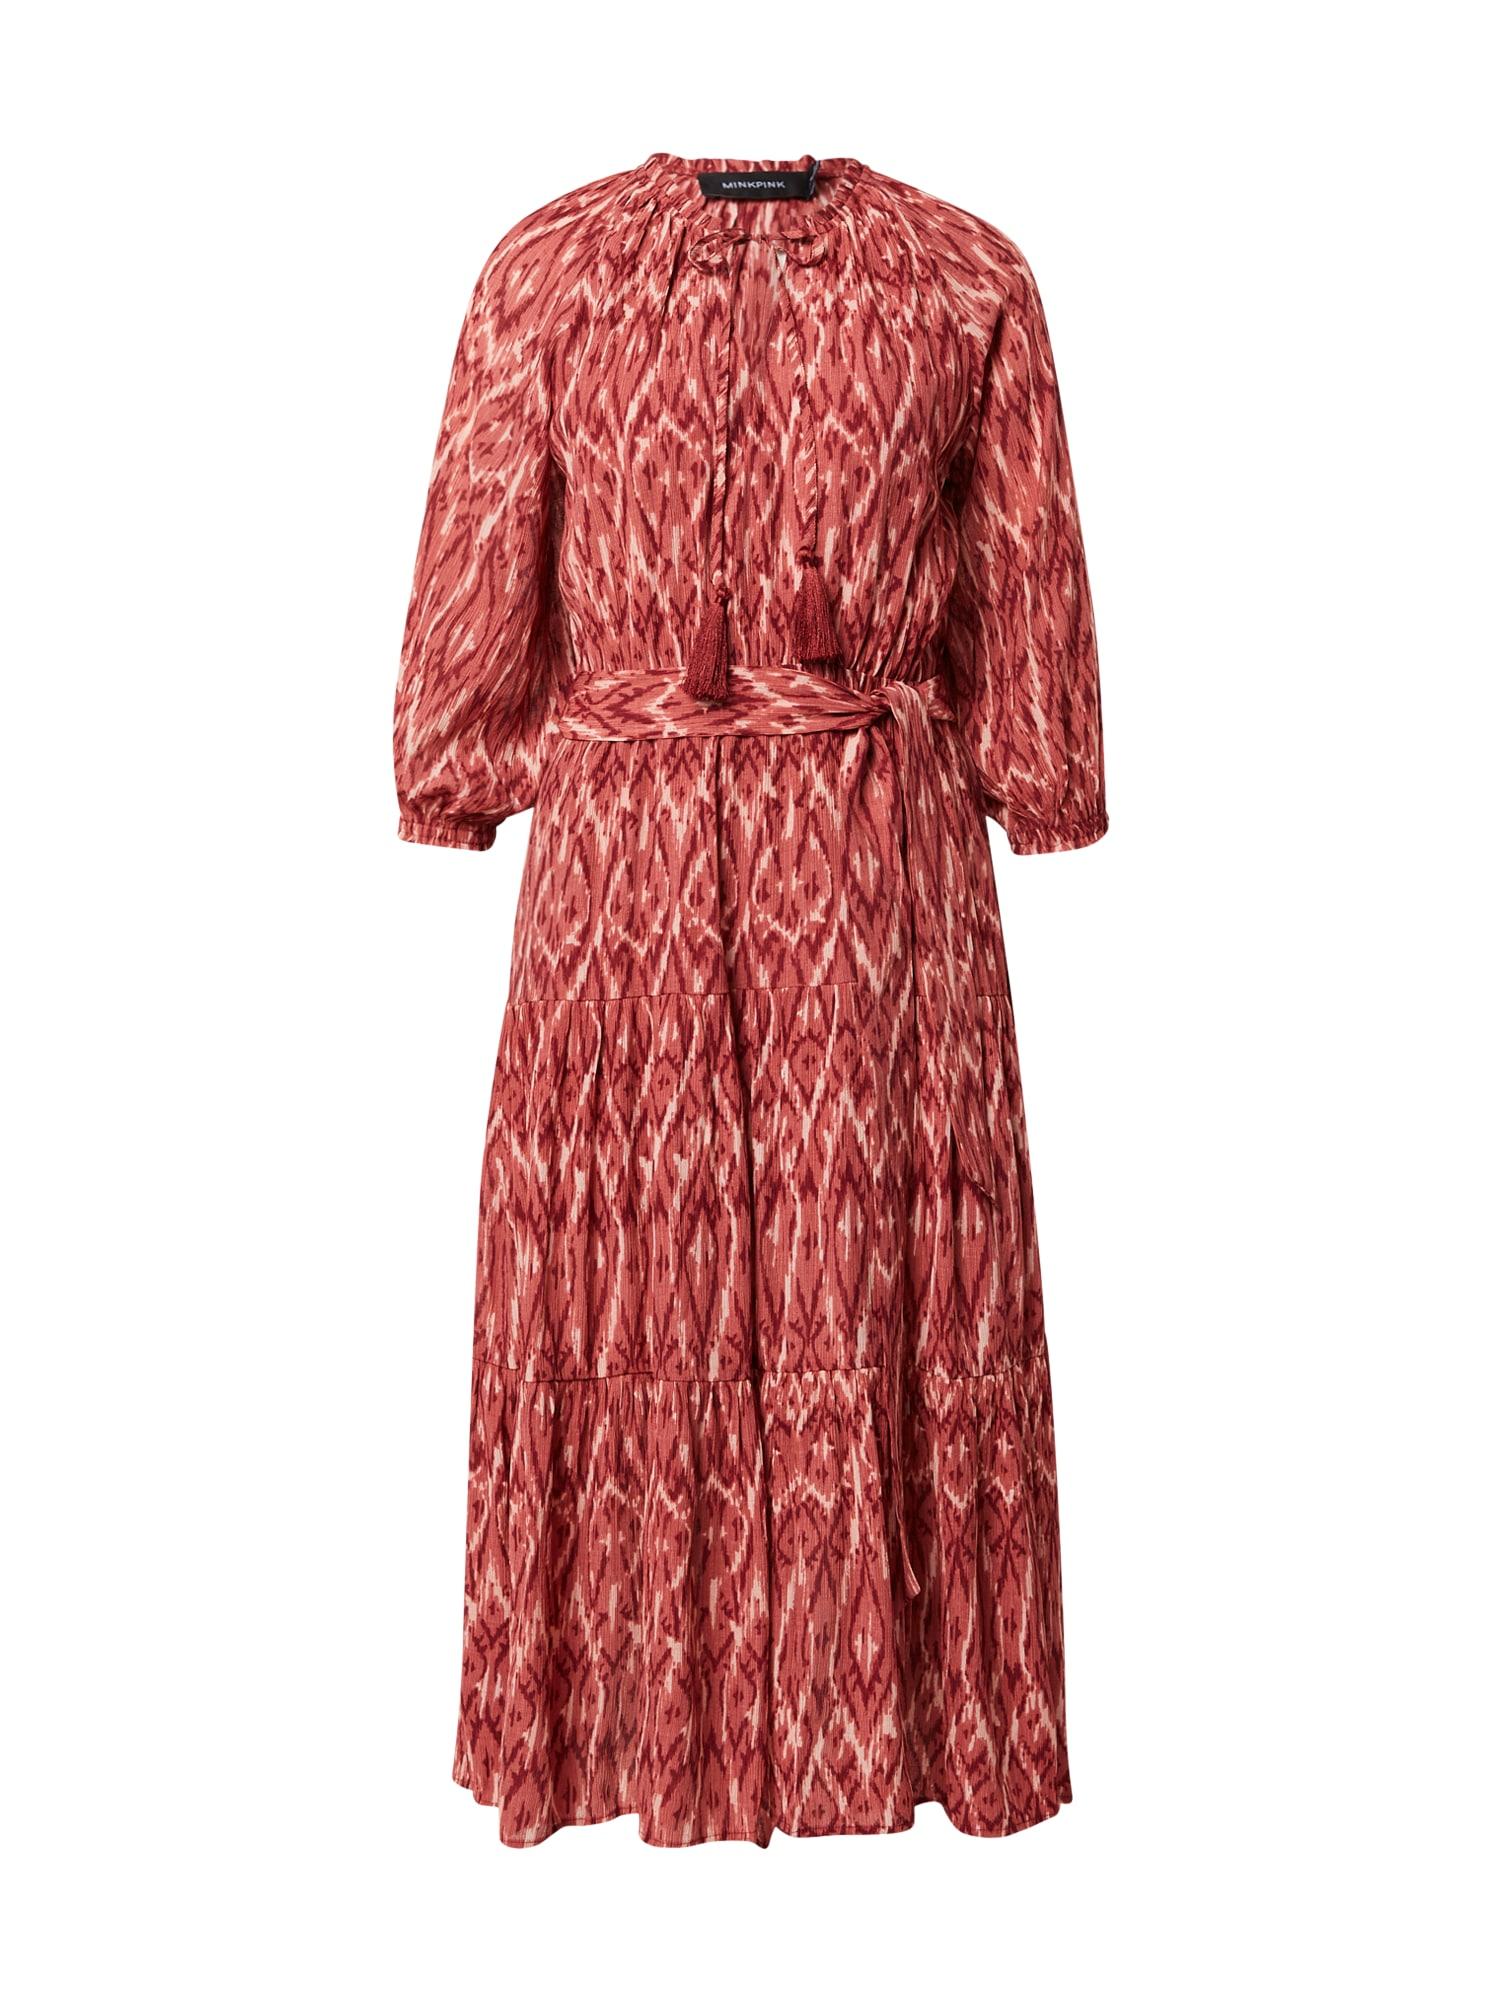 MINKPINK Suknelė raudona / kraujo spalva / balta